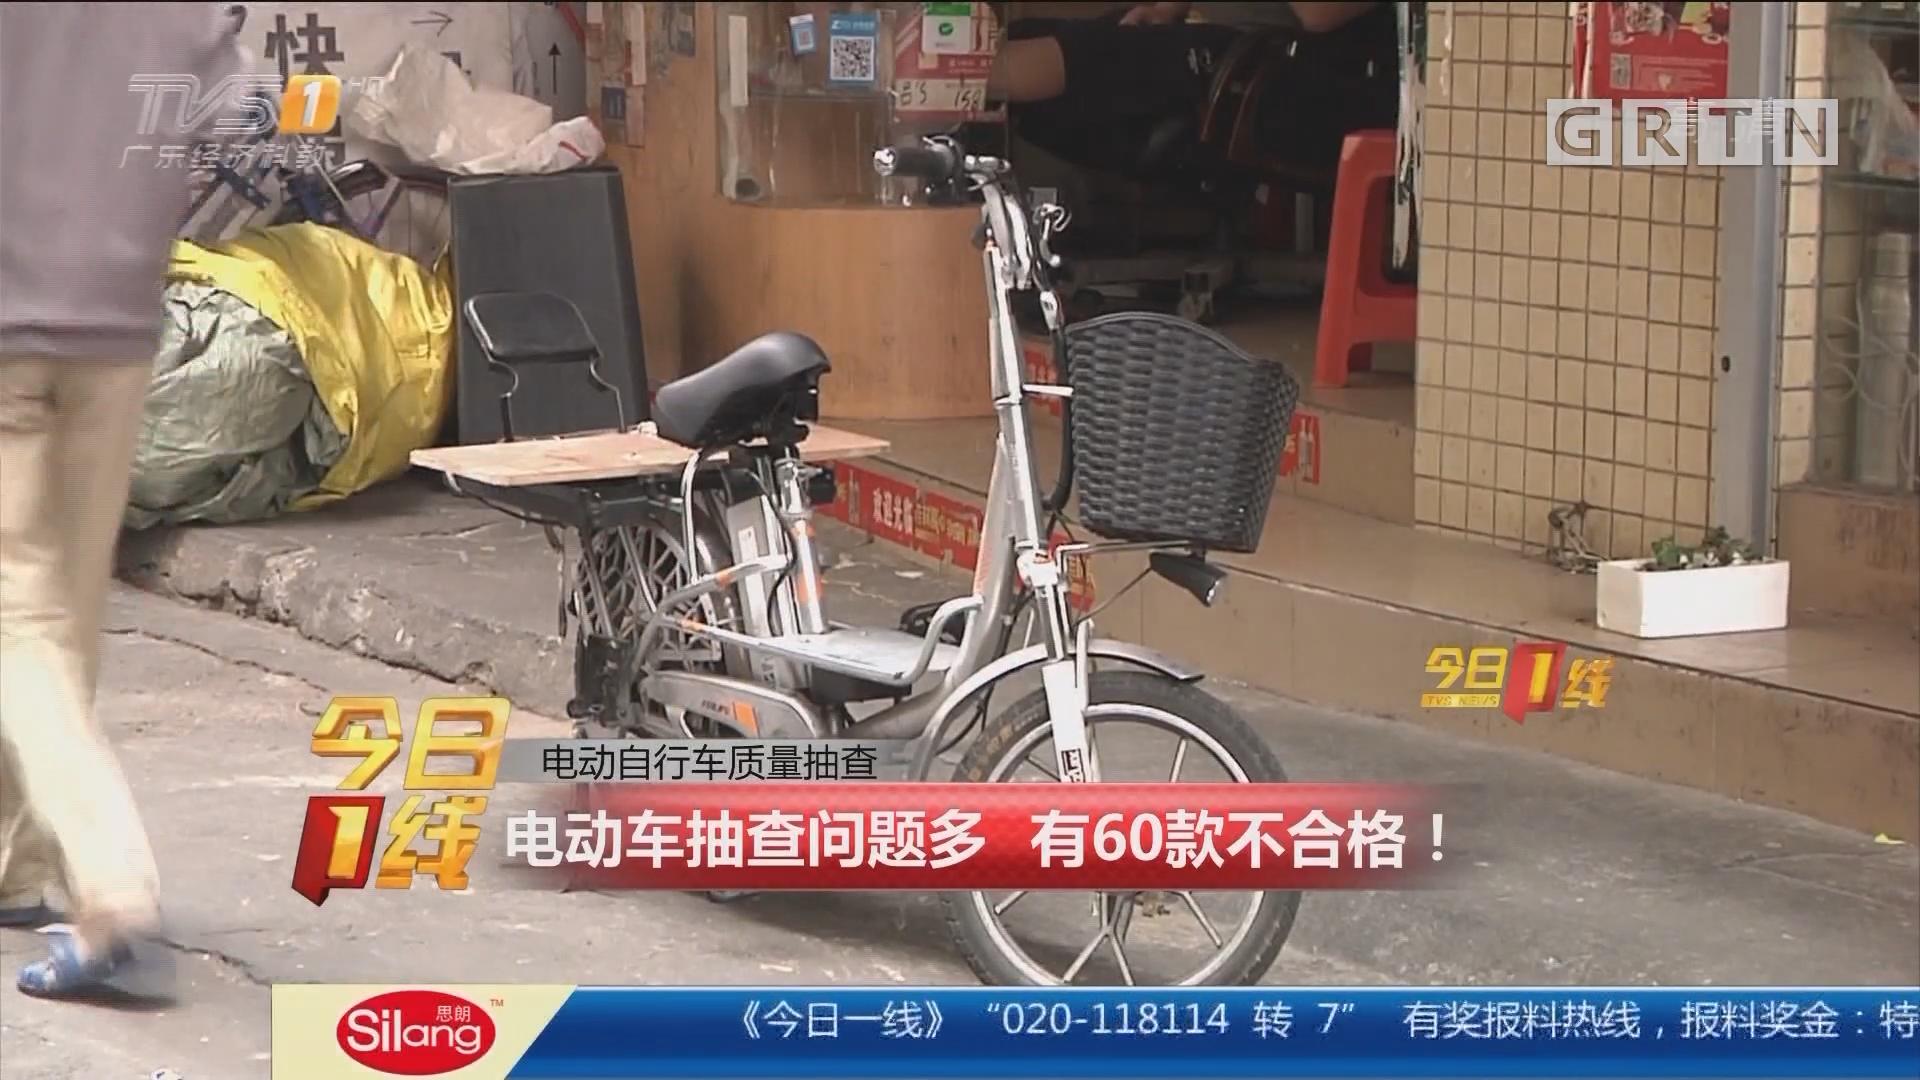 电动自行车质量抽查:电动车抽查问题多 有60款不合格!